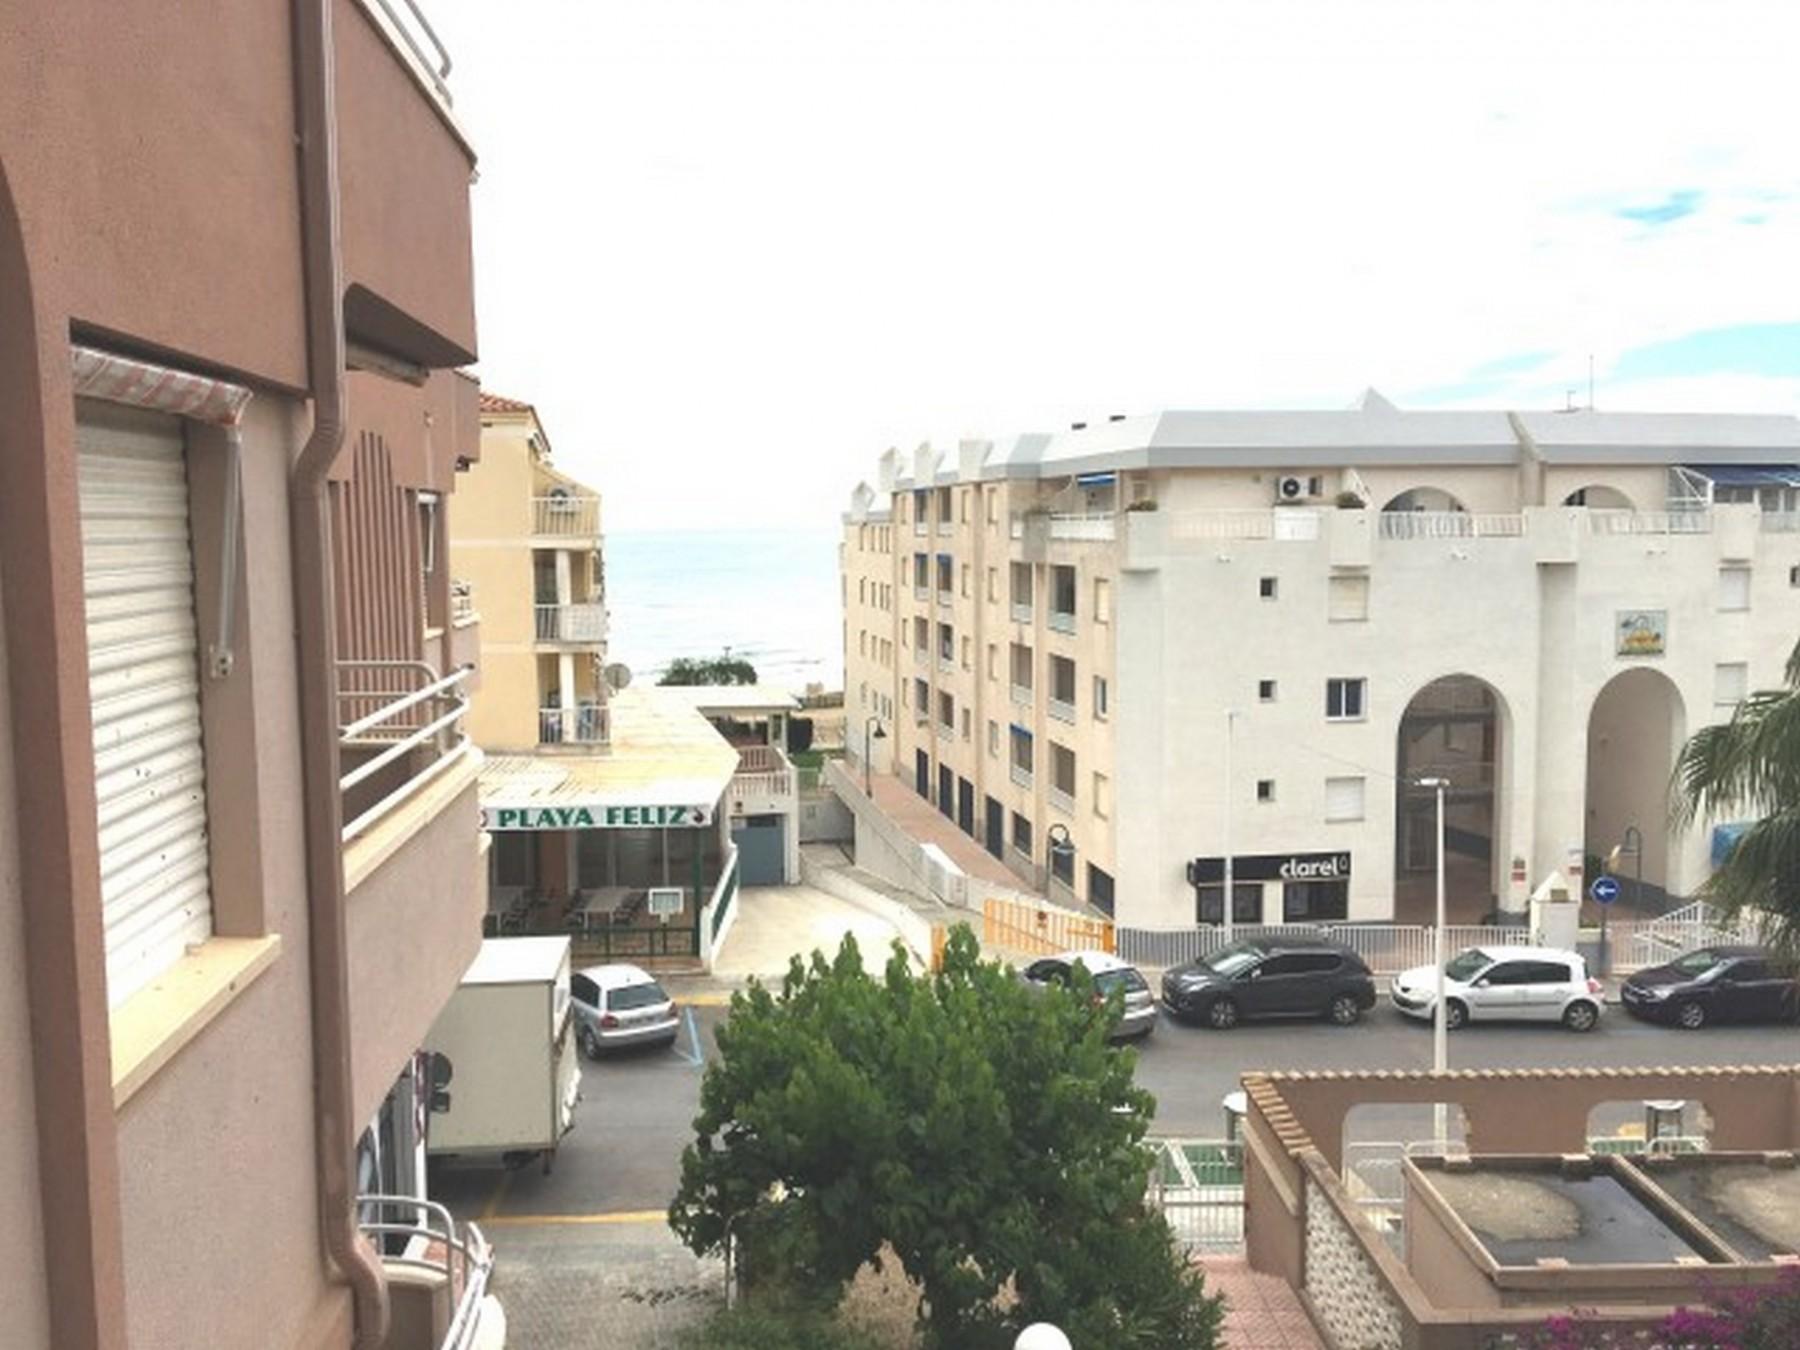 Apartamentos en alcoceber alcossebre calypso 2 17 f - Apartamentos en alcocebre ...